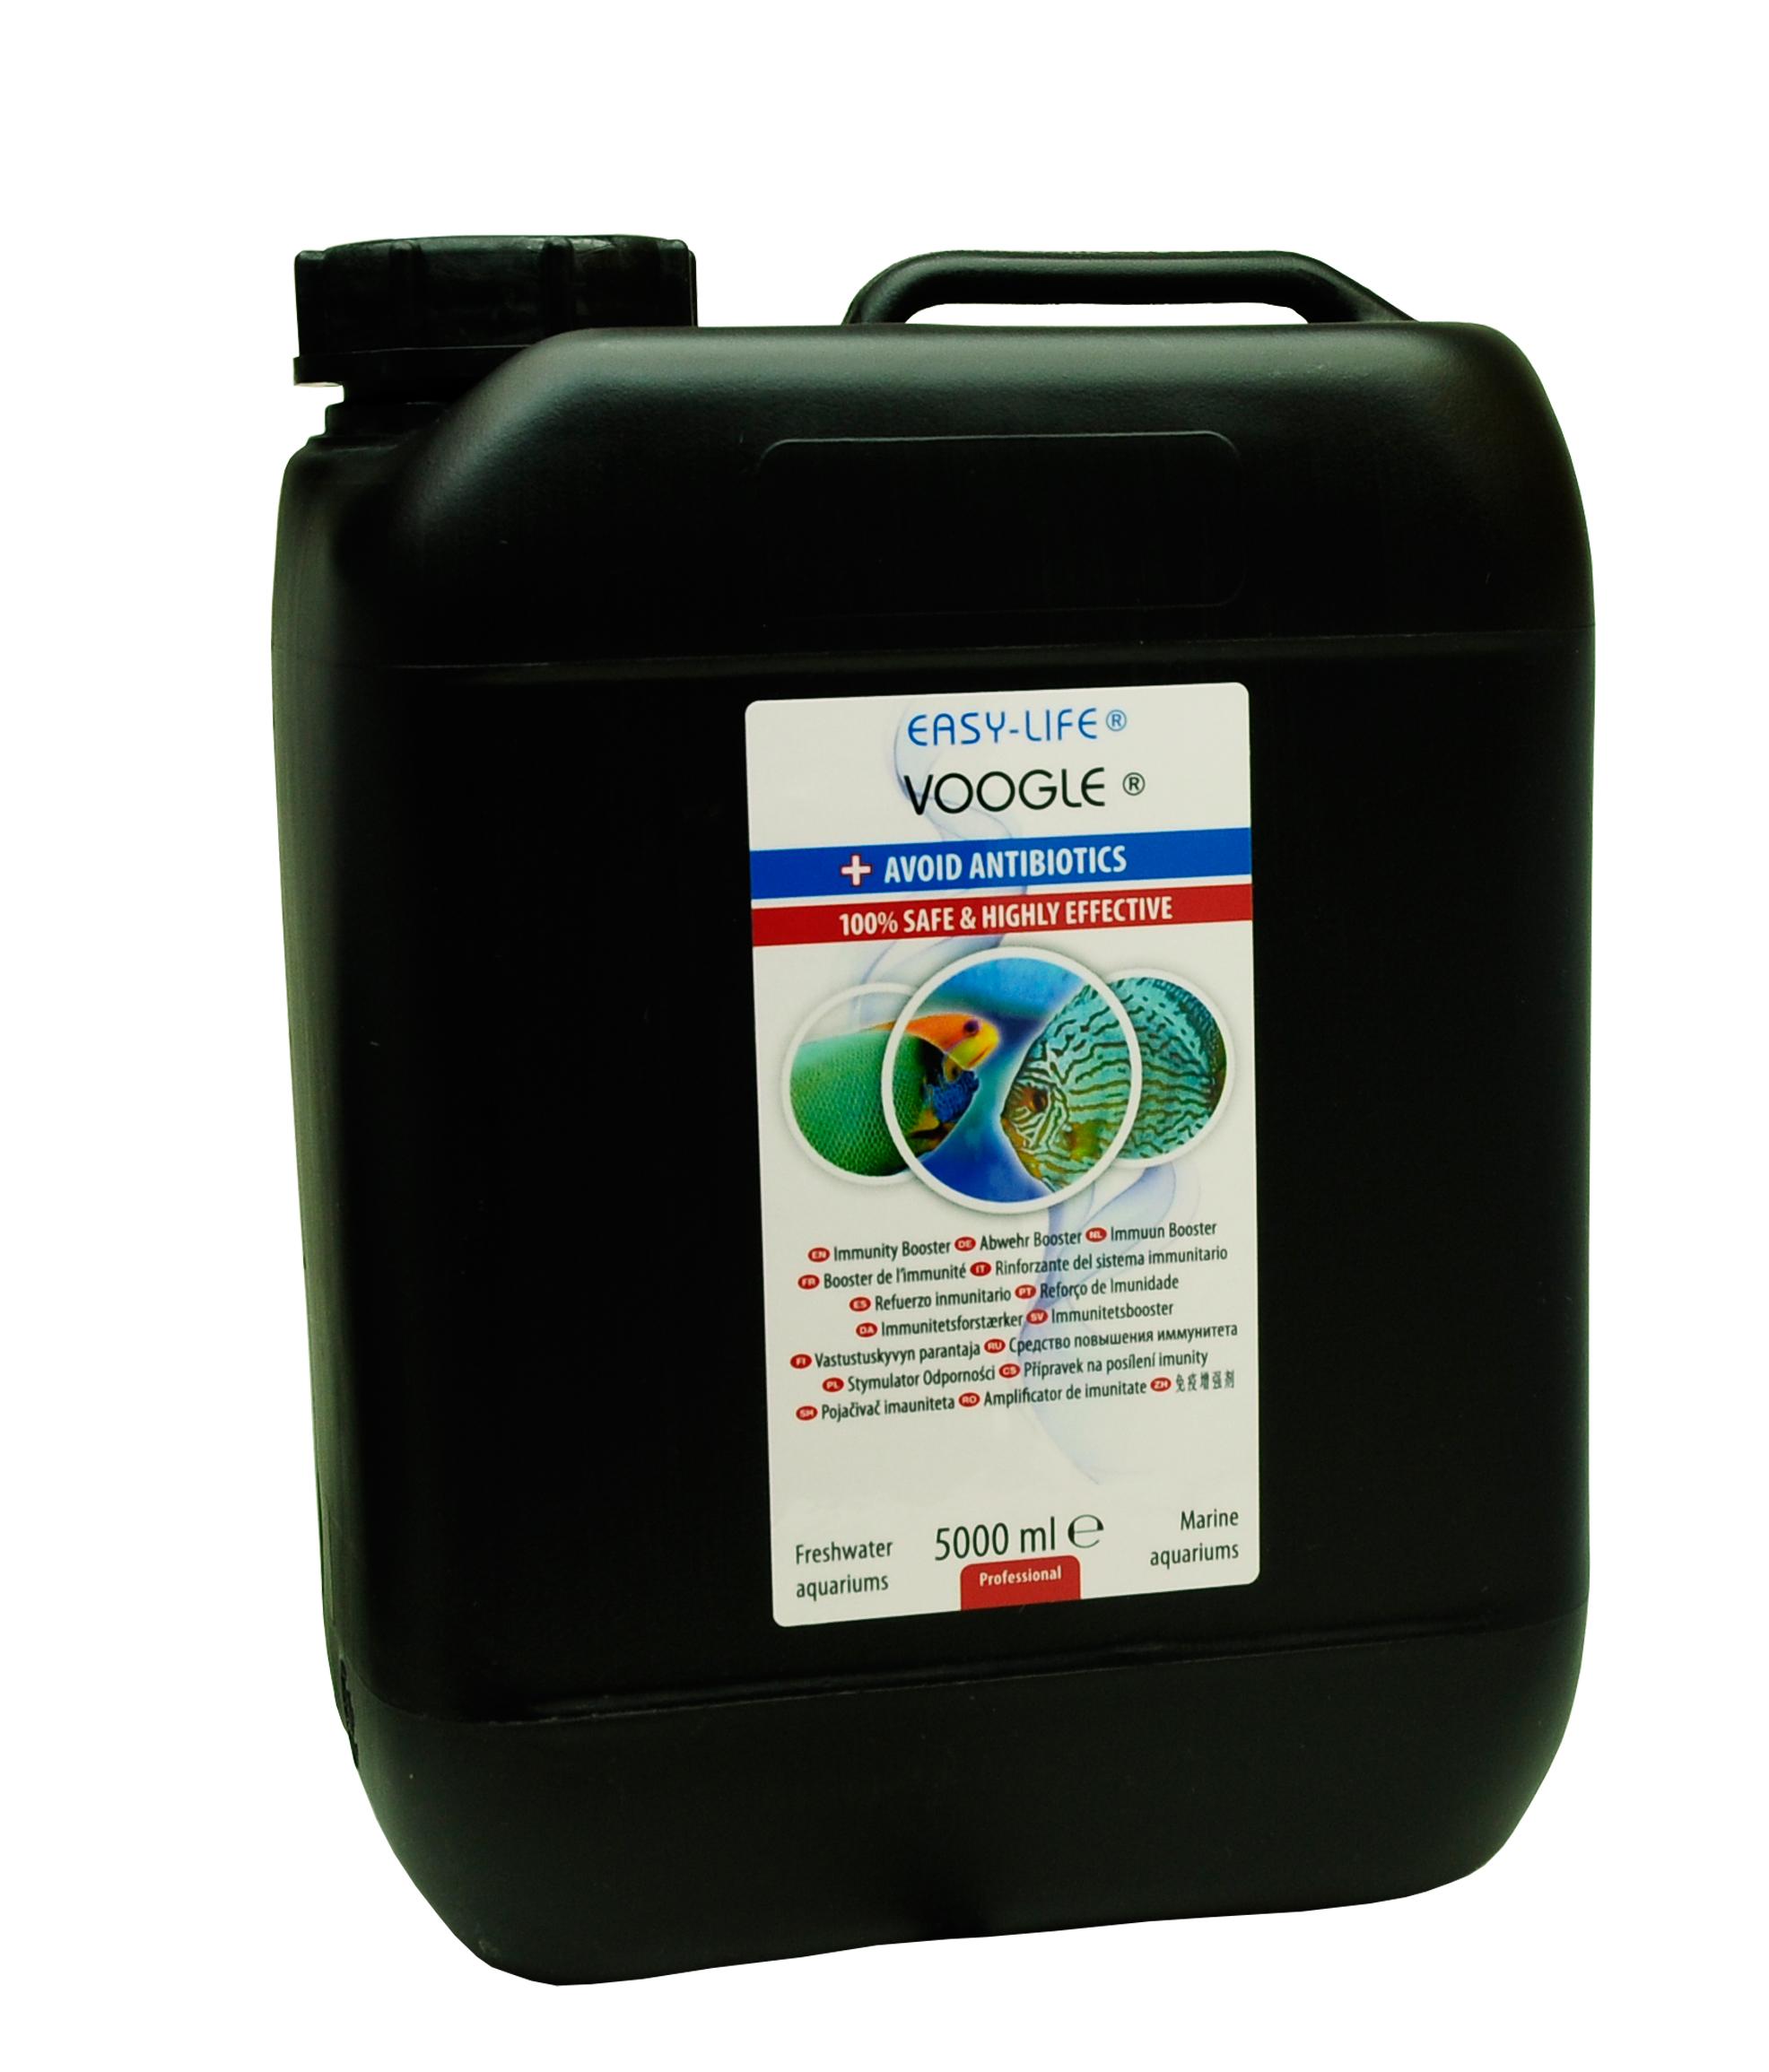 Easy Life Voogle 5 Liter Aquadip Рекламна програма бизнес решения всичко за google google.com. aquadip